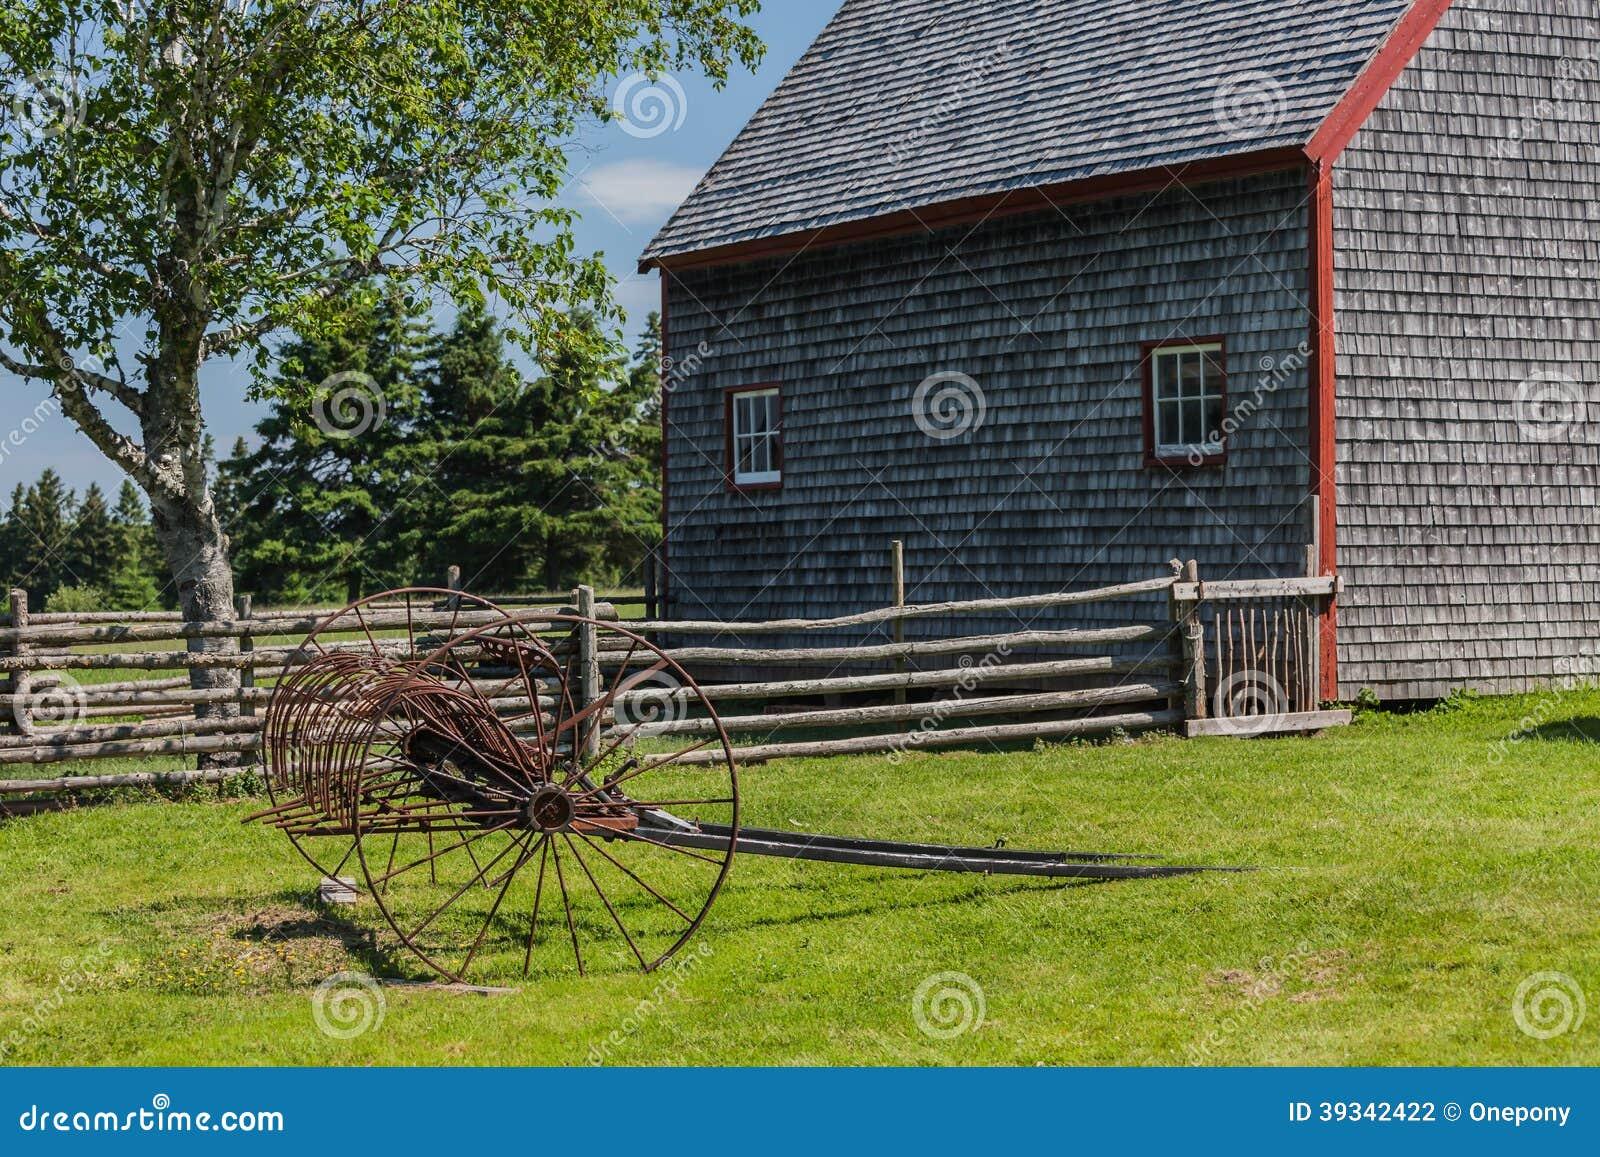 Antique Hay Rake Parts : Antique hay rake